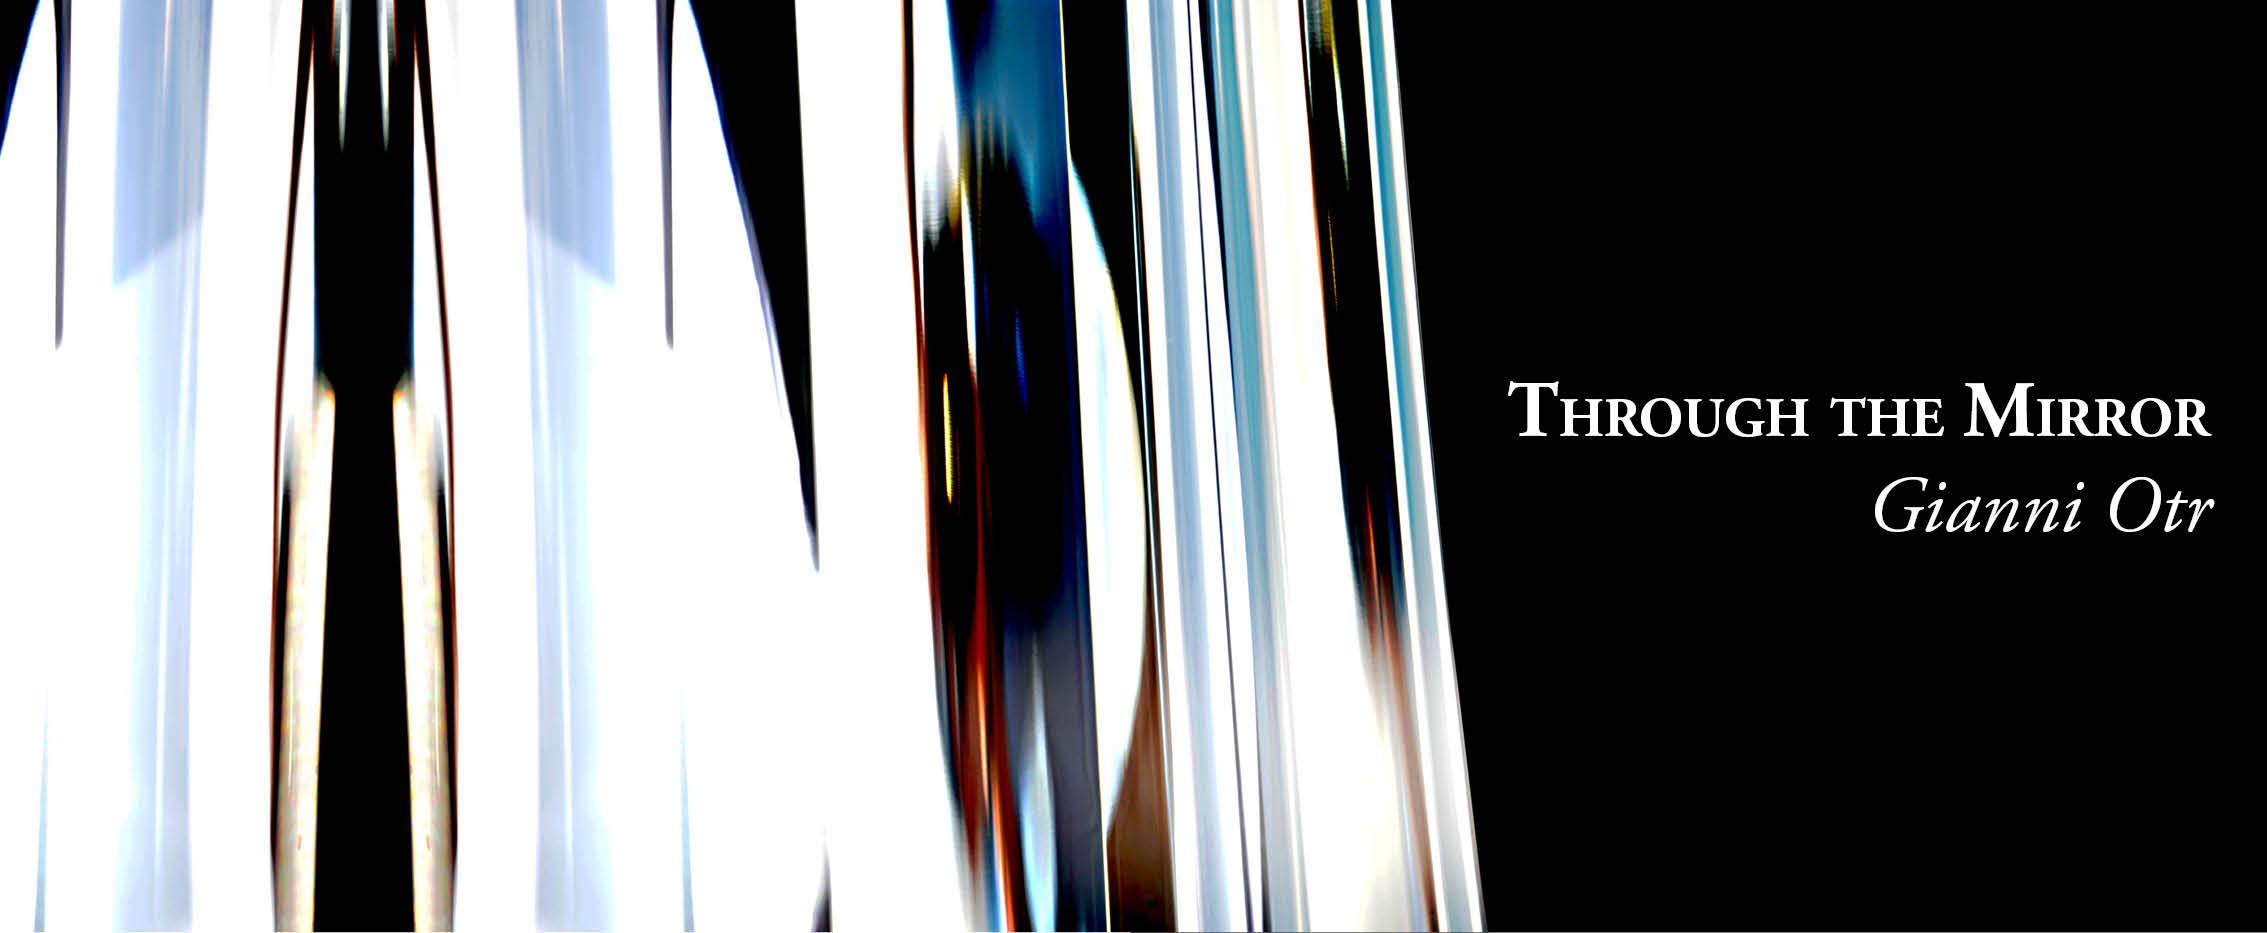 Through the Mirror | Copertina art mediabook